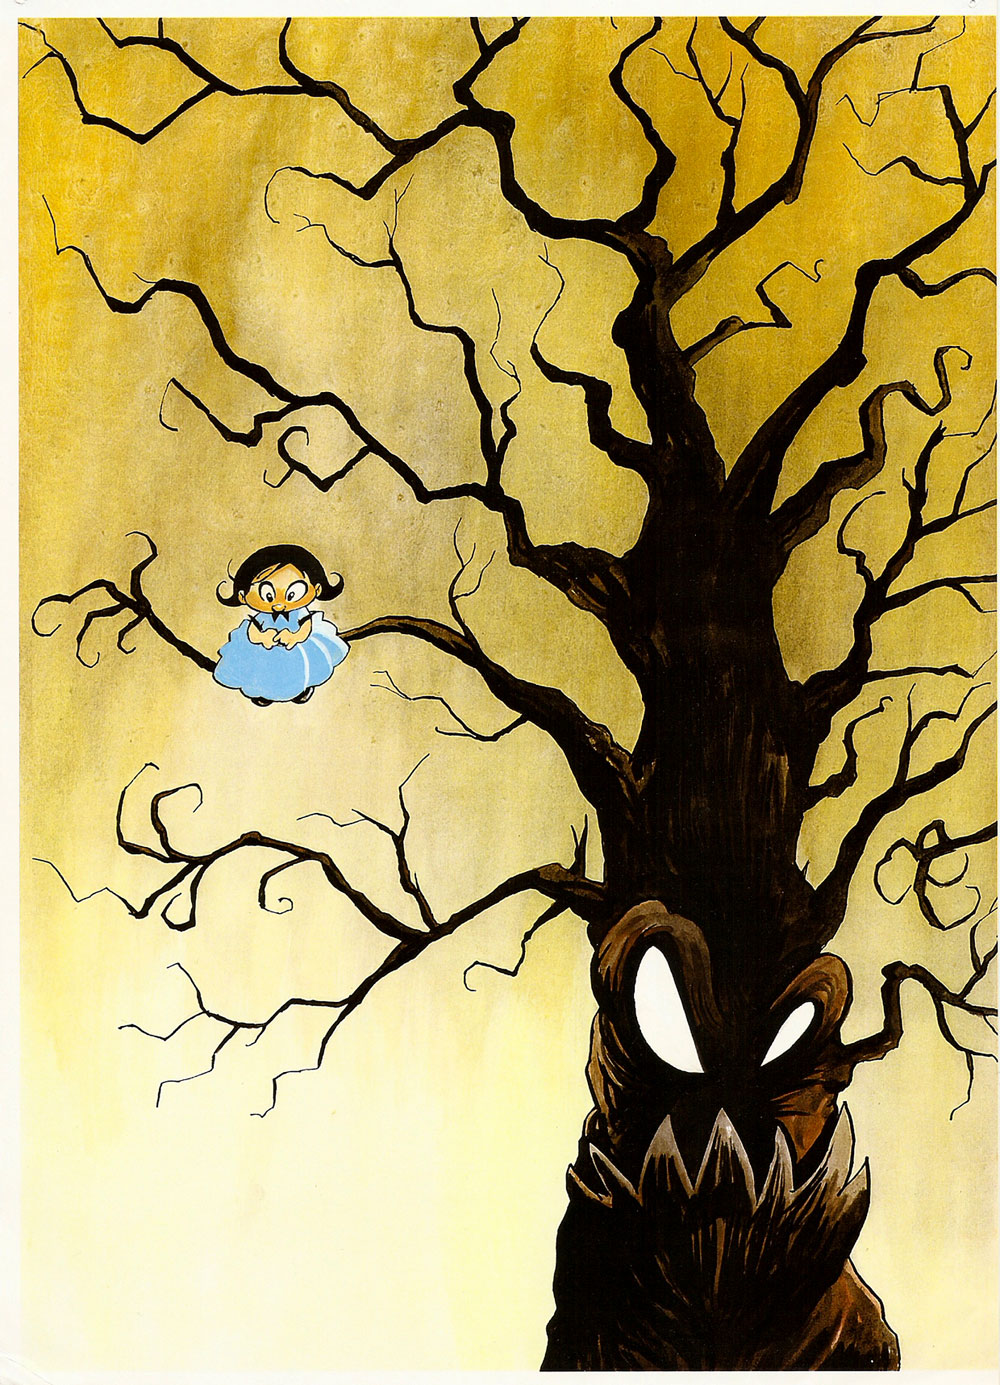 Supiot Marie Frisson-Aupres de mon arbre-